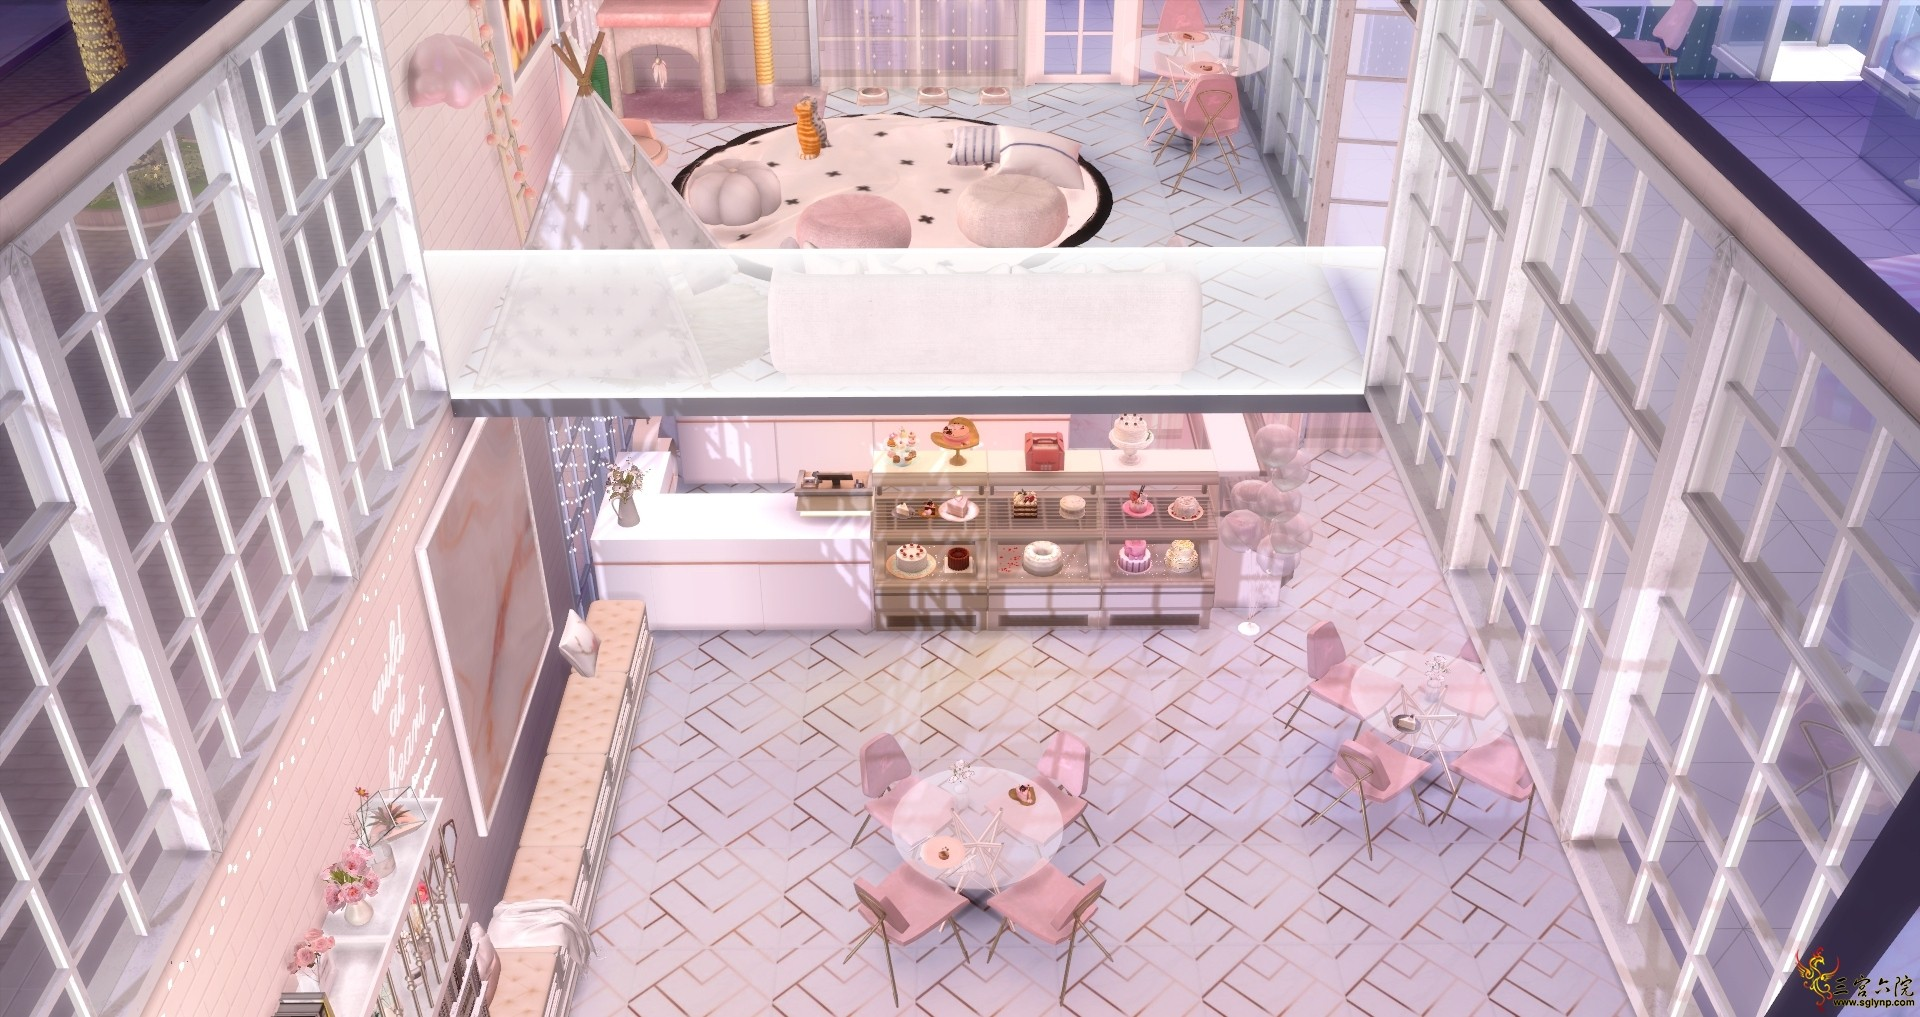 果酒粉色网红风蛋糕店&猫咖&餐厅商住两用版IMG_3478(20200704-100458)_.jpg